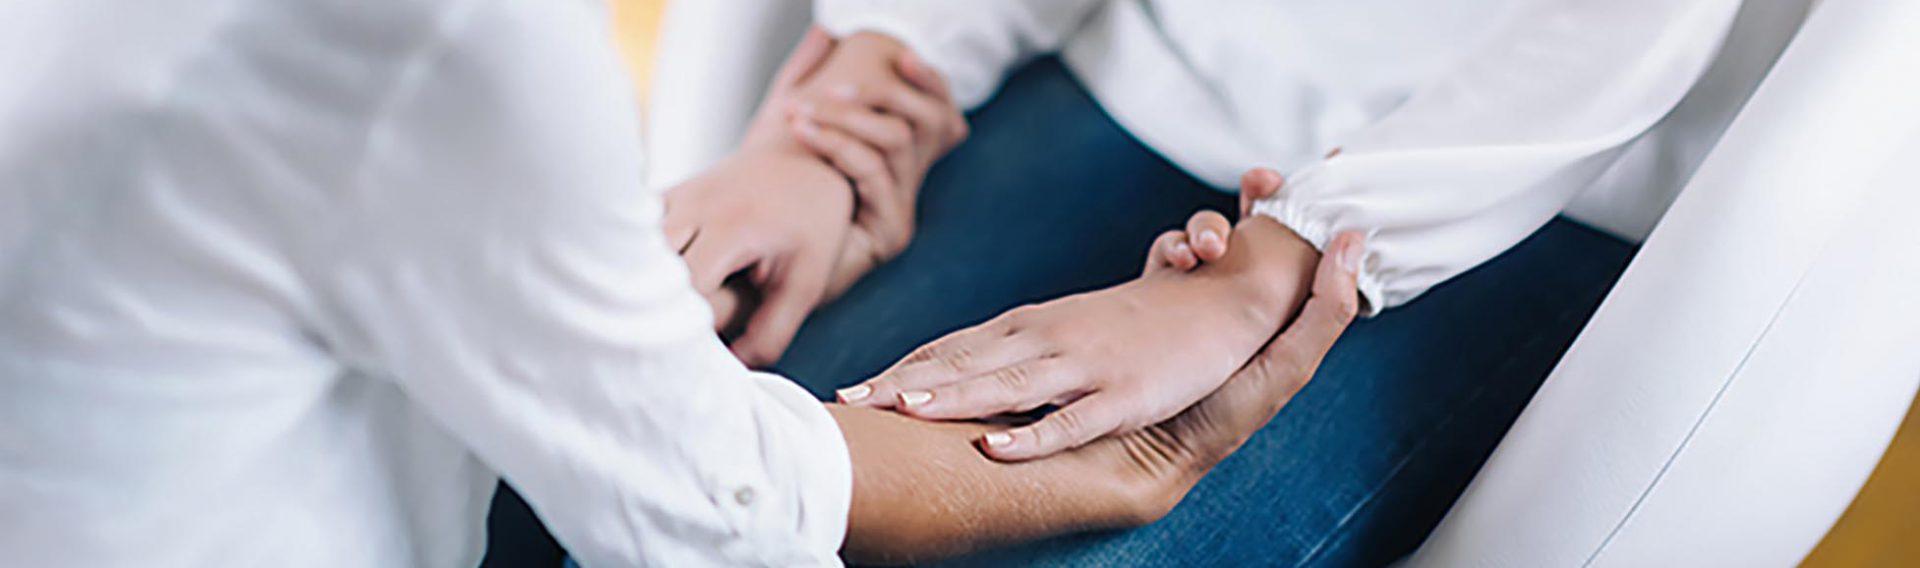 הקשר בין כאב וסליחה